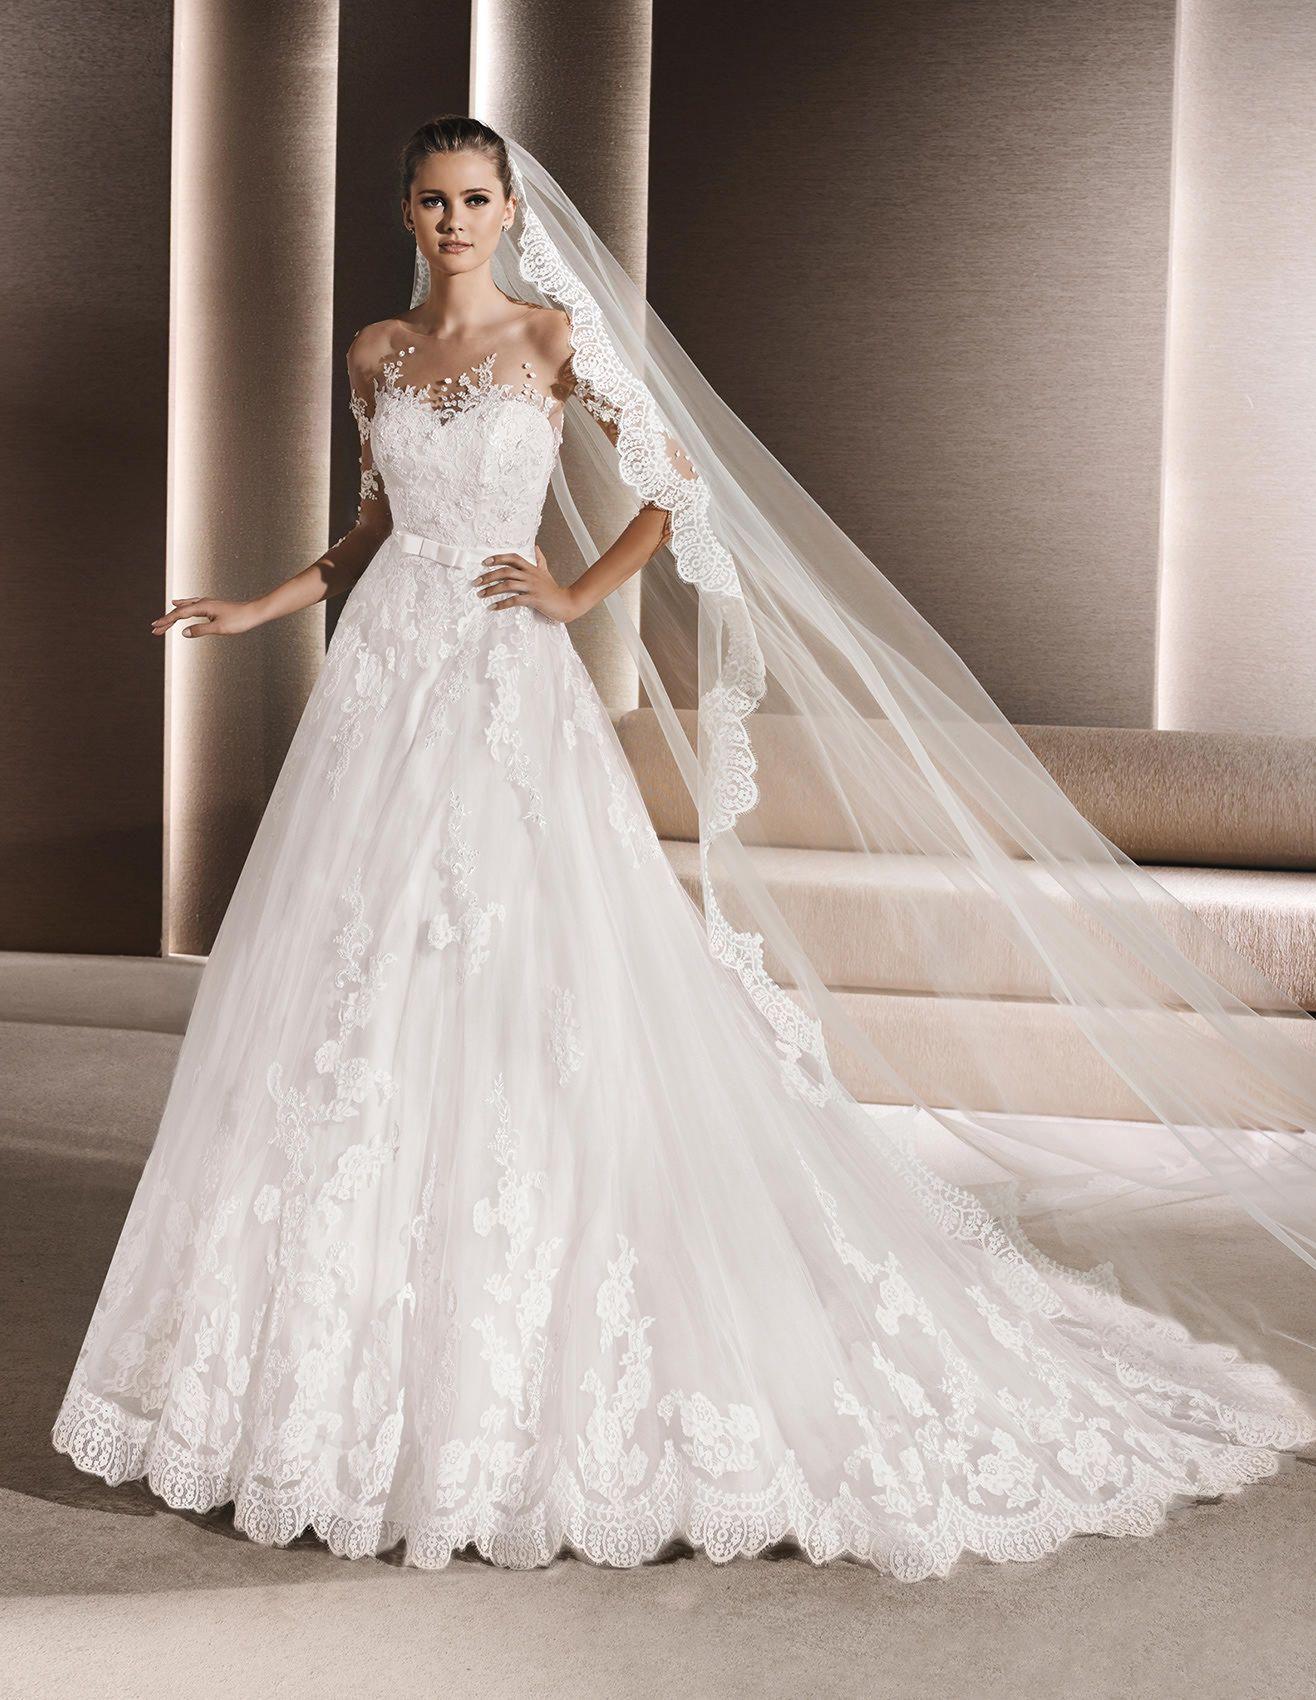 RUPIA Brautkleid im Prinzessin Stil aus Spitze